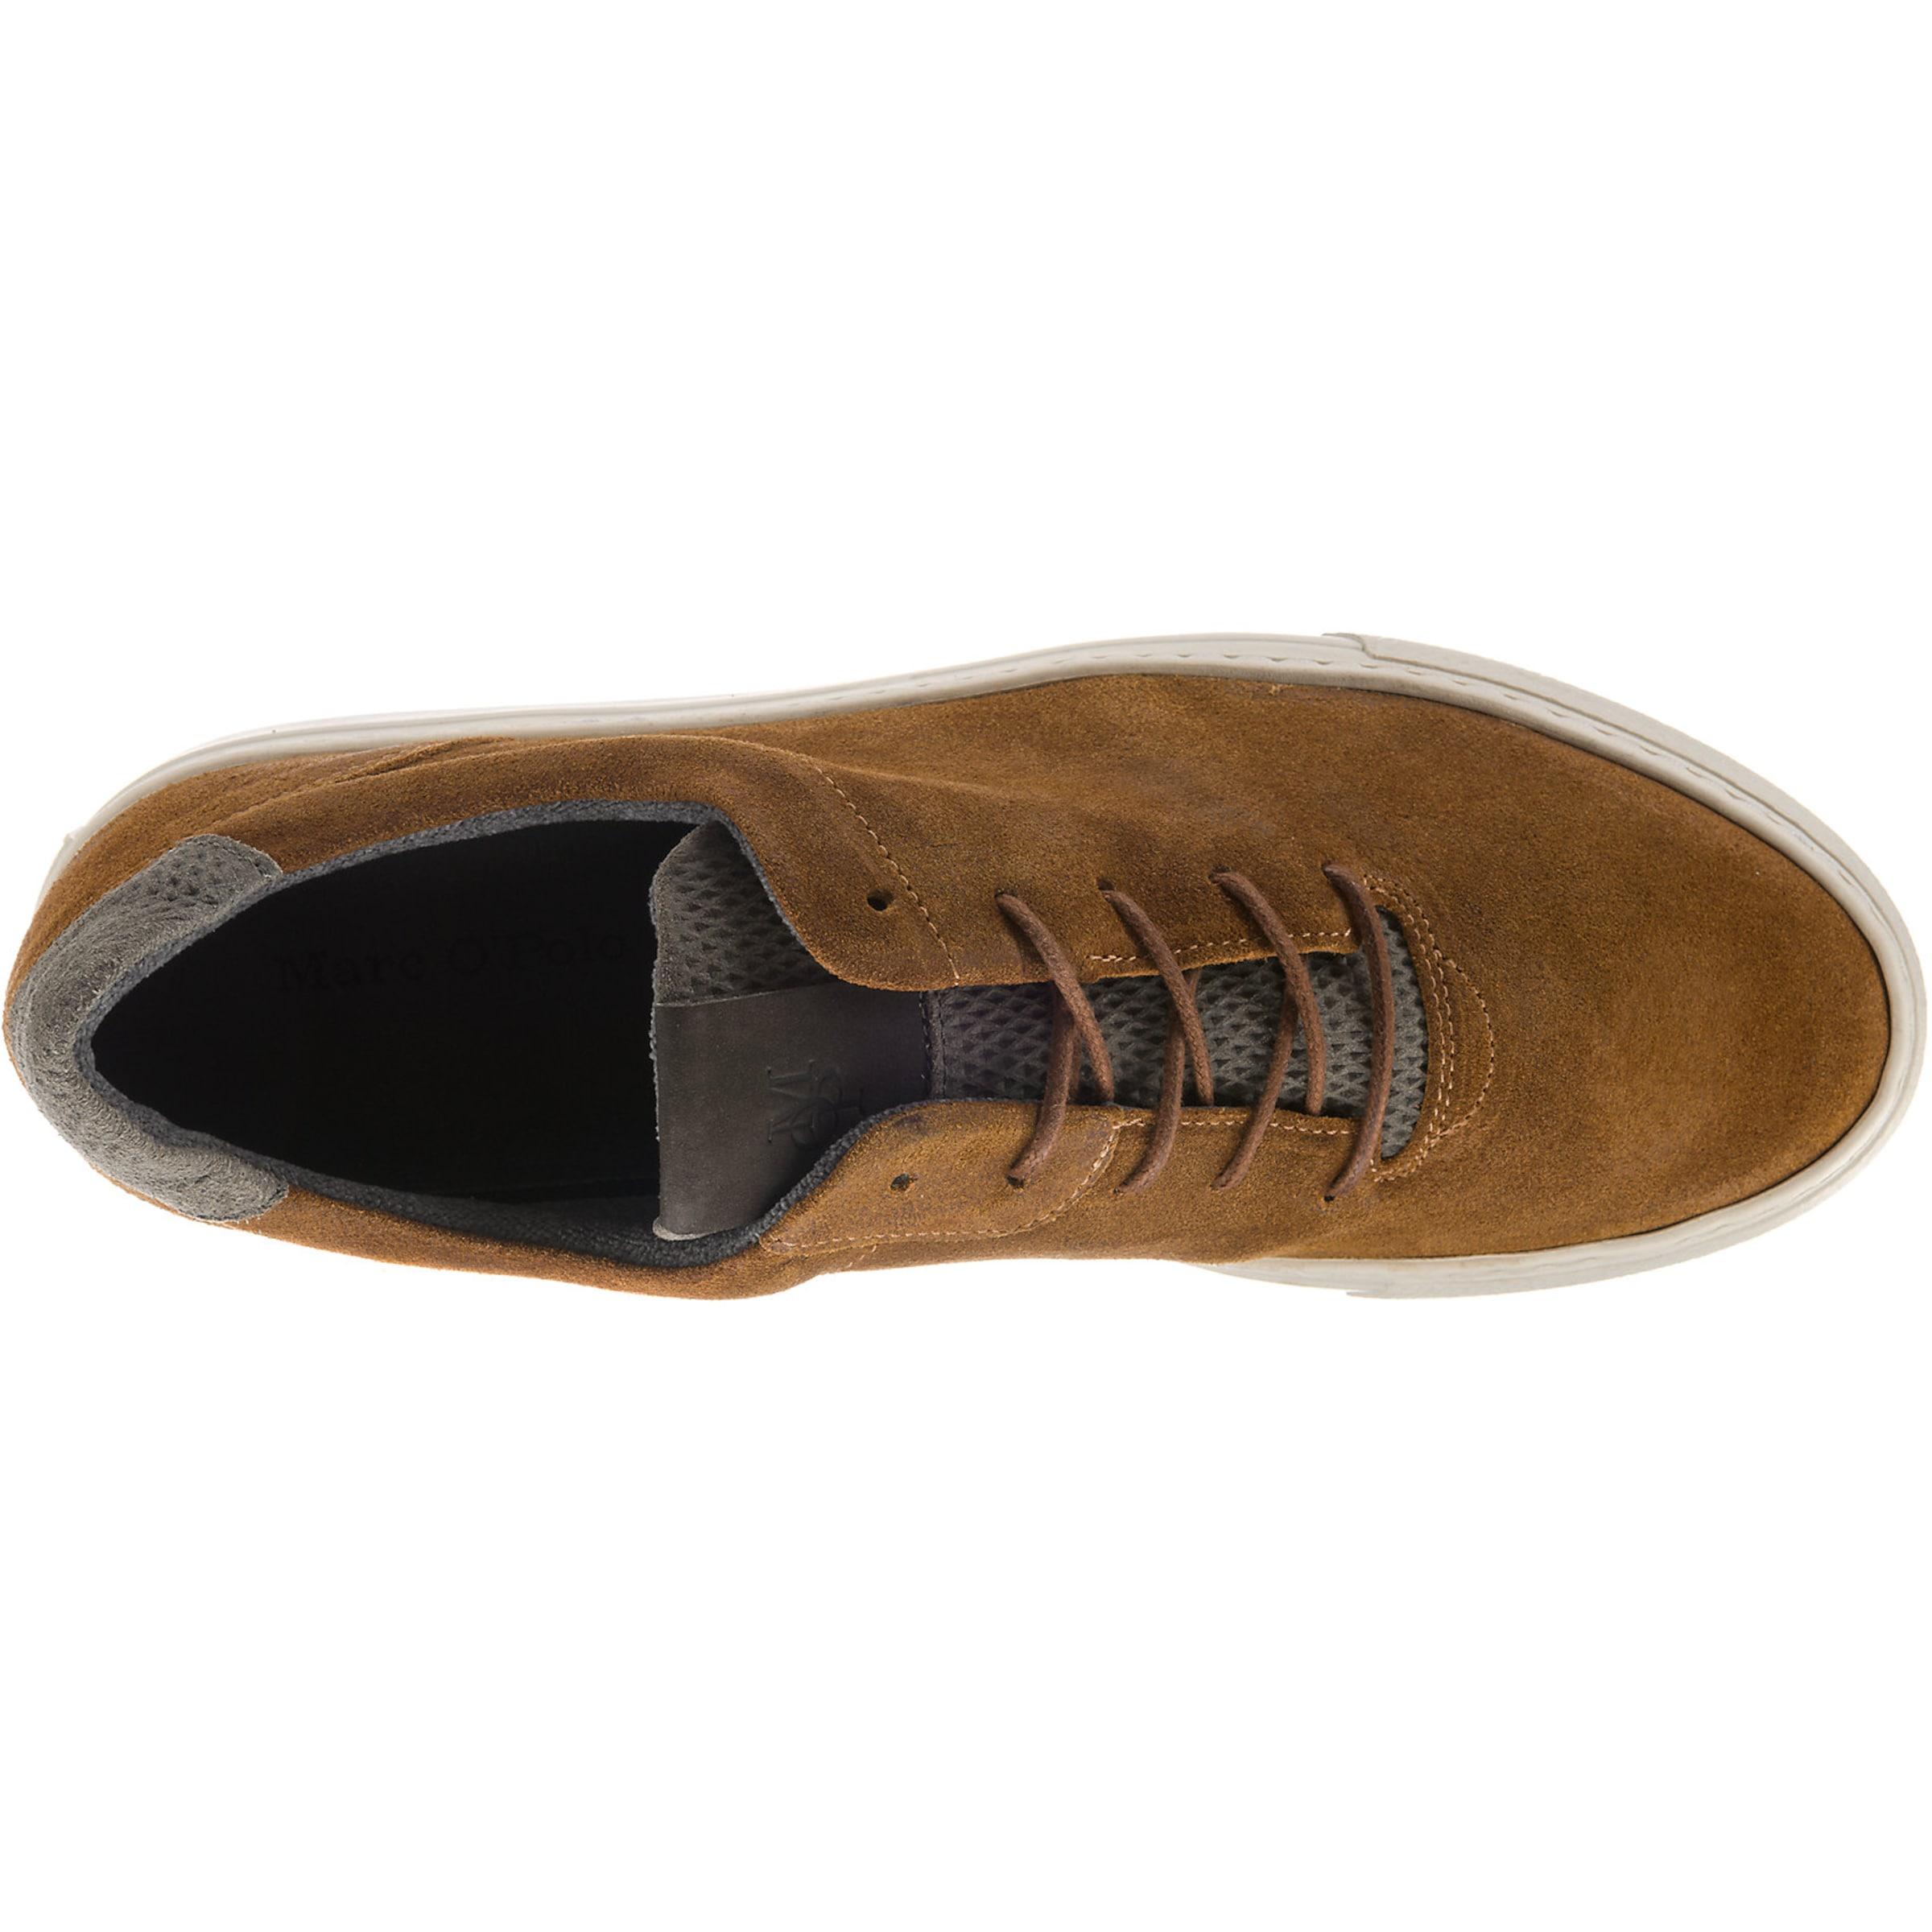 Braun O'polo Low In Sneakers Marc cKJT1lF